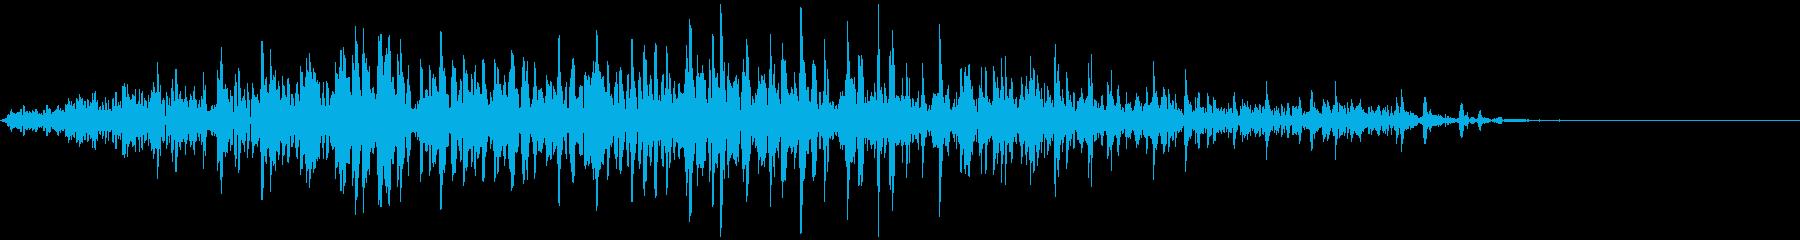 ゾンビの声(動物的)の再生済みの波形